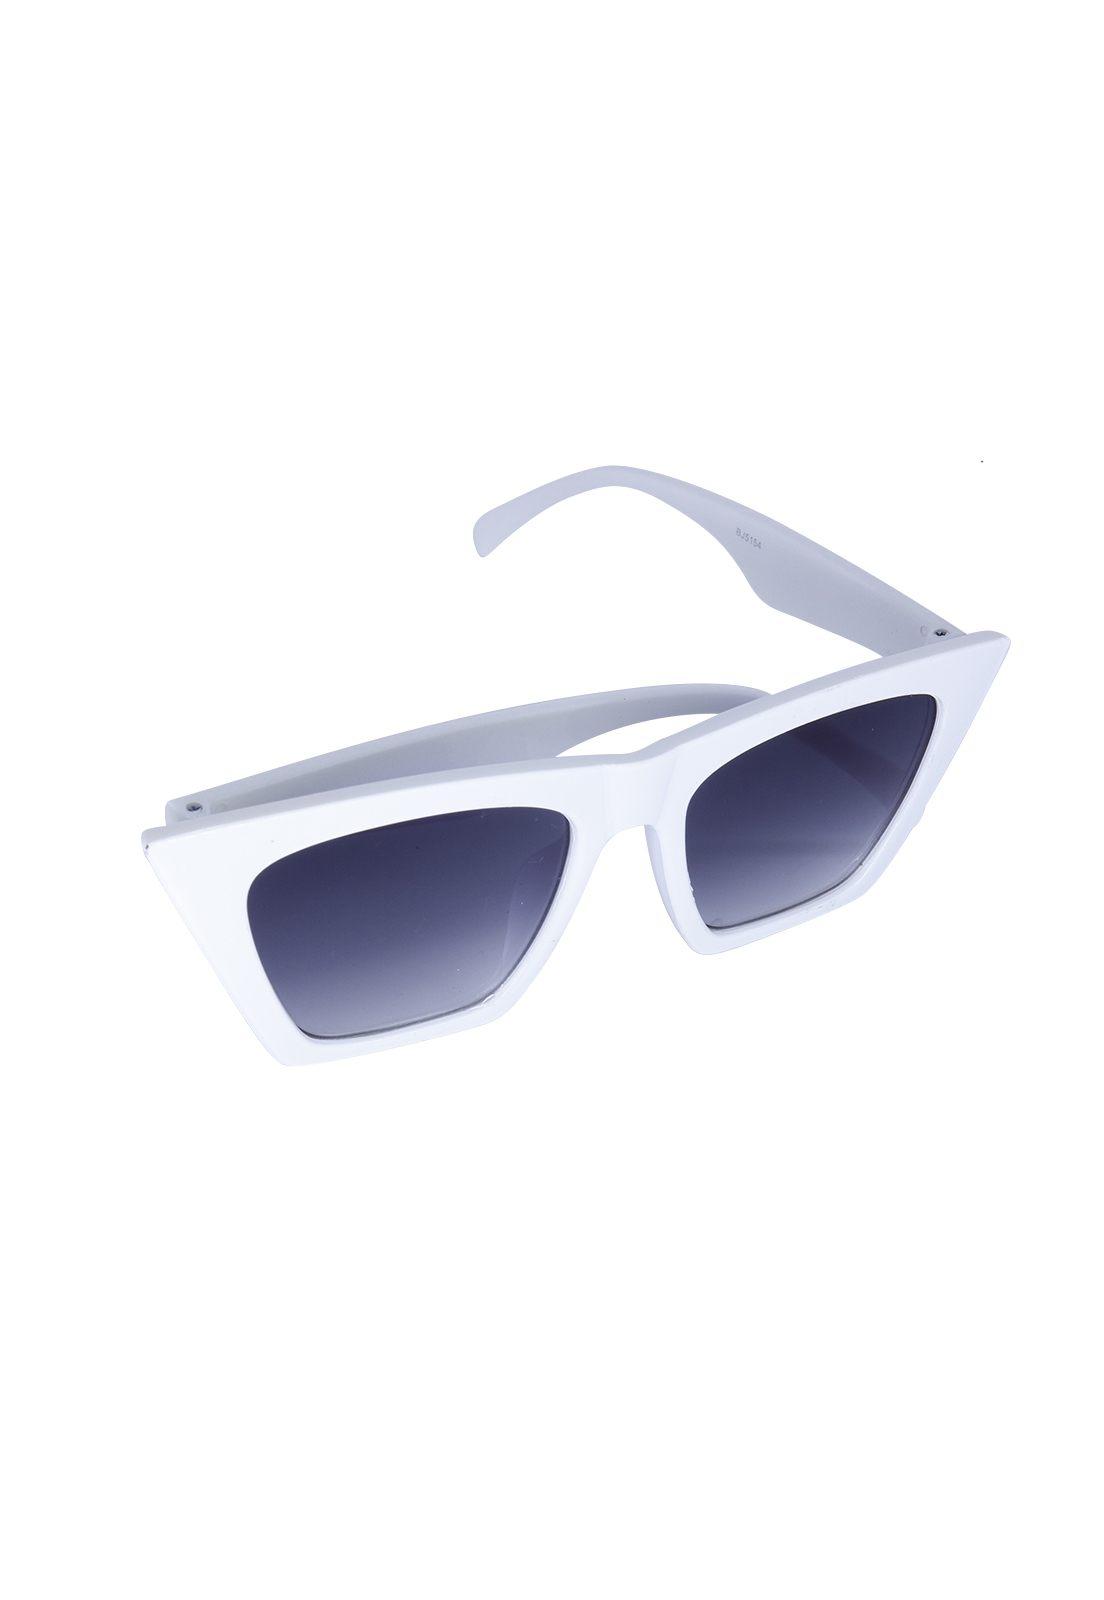 Óculos de Sol Grungetteria Sharp Branco